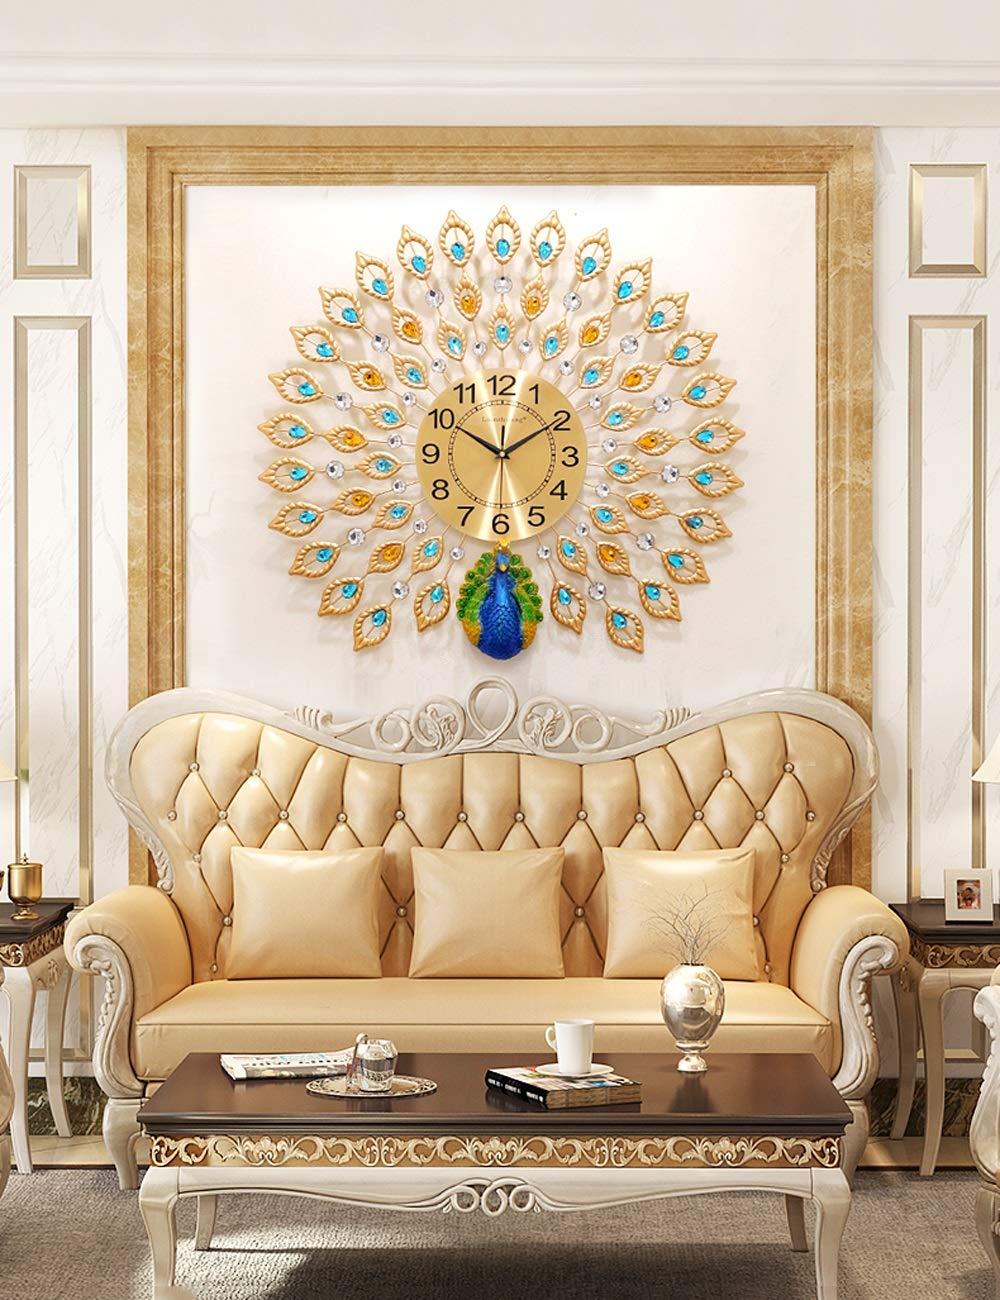 Bidesen Startseite Deko 60x60cm Pfau Uhr Wanduhr Wohnzimmer kreative europäischen Haushalt stumm Uhr Moderne minimalistische Atmosphäre Wanduhr Quarzuhr